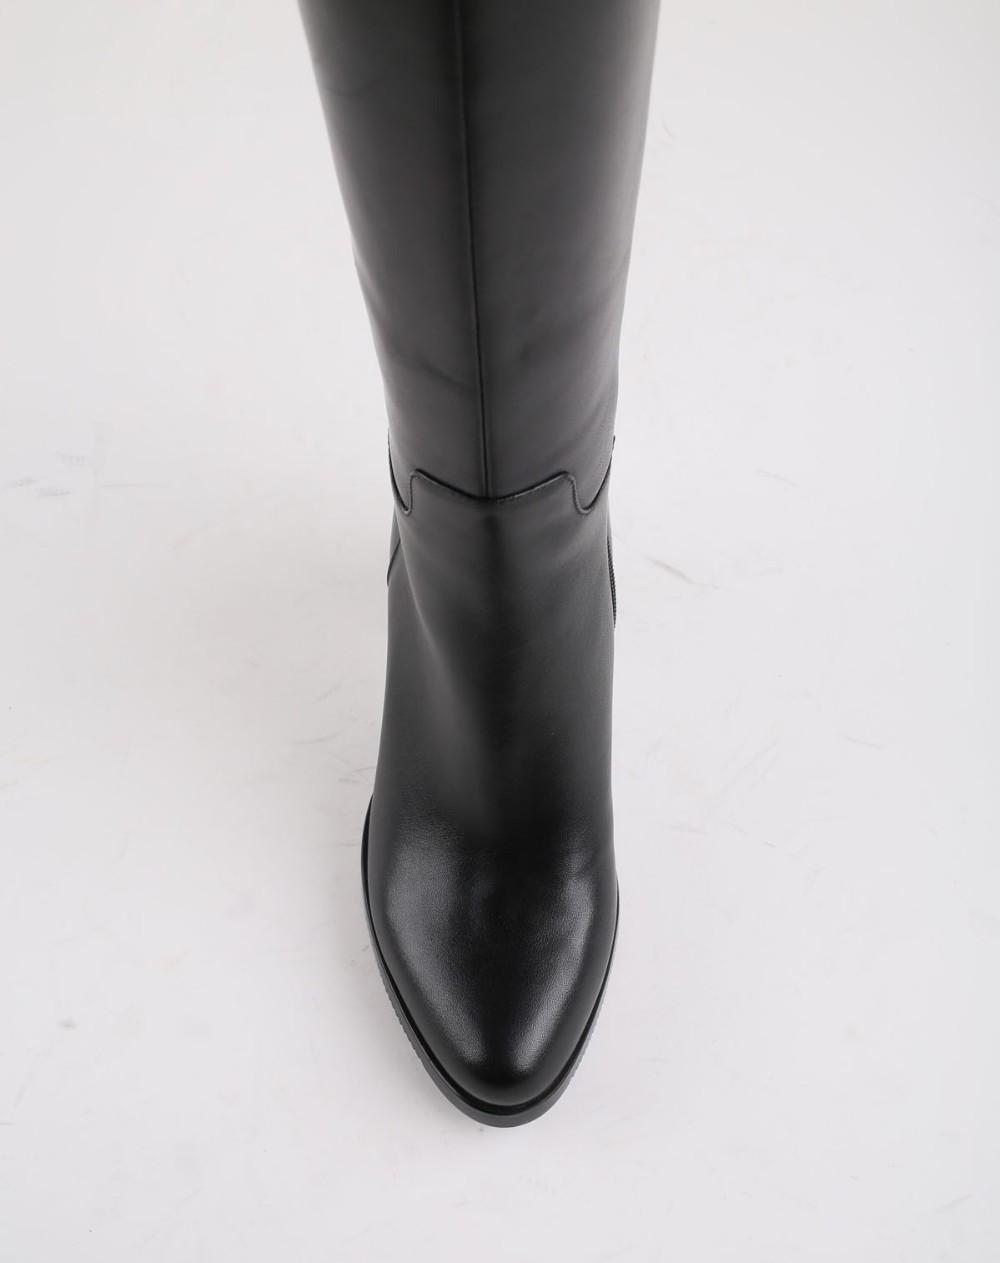 Bottes D'hiver Chaud Laine Fourrure Femmes Vache En Cuir Chaussures Longue Main À La Main Noir Genou-Haut La Russie Bottes Chaussures Neige Botas VC002